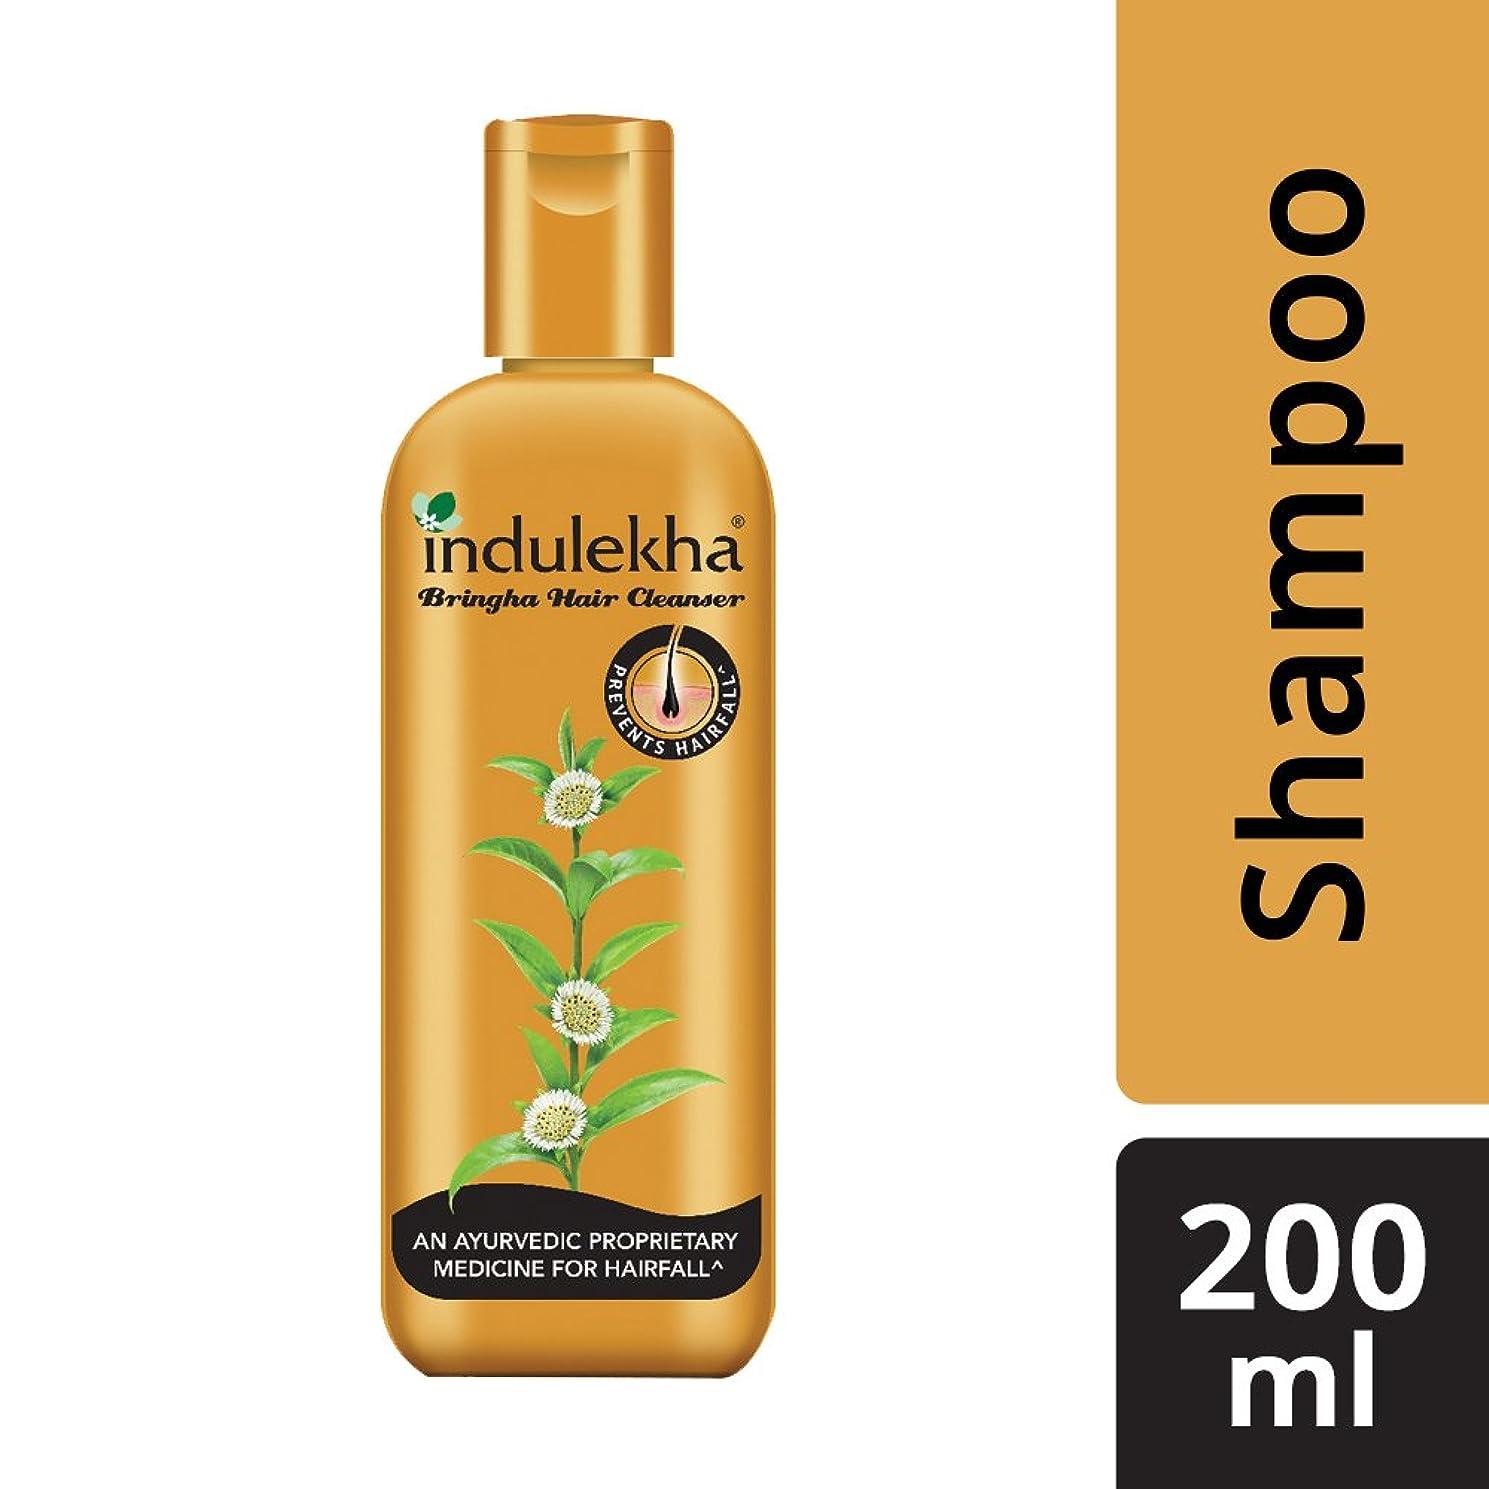 爵正確操縦するIndulekha Bringha Anti Hair Fall Shampoo (Hair Cleanser) 200ml, 6.76 oz - 並行輸入品 - イニディカ?ブリンガアンチヘアフォールシャンプー(ヘアクレンザー)200ml、6.76oz